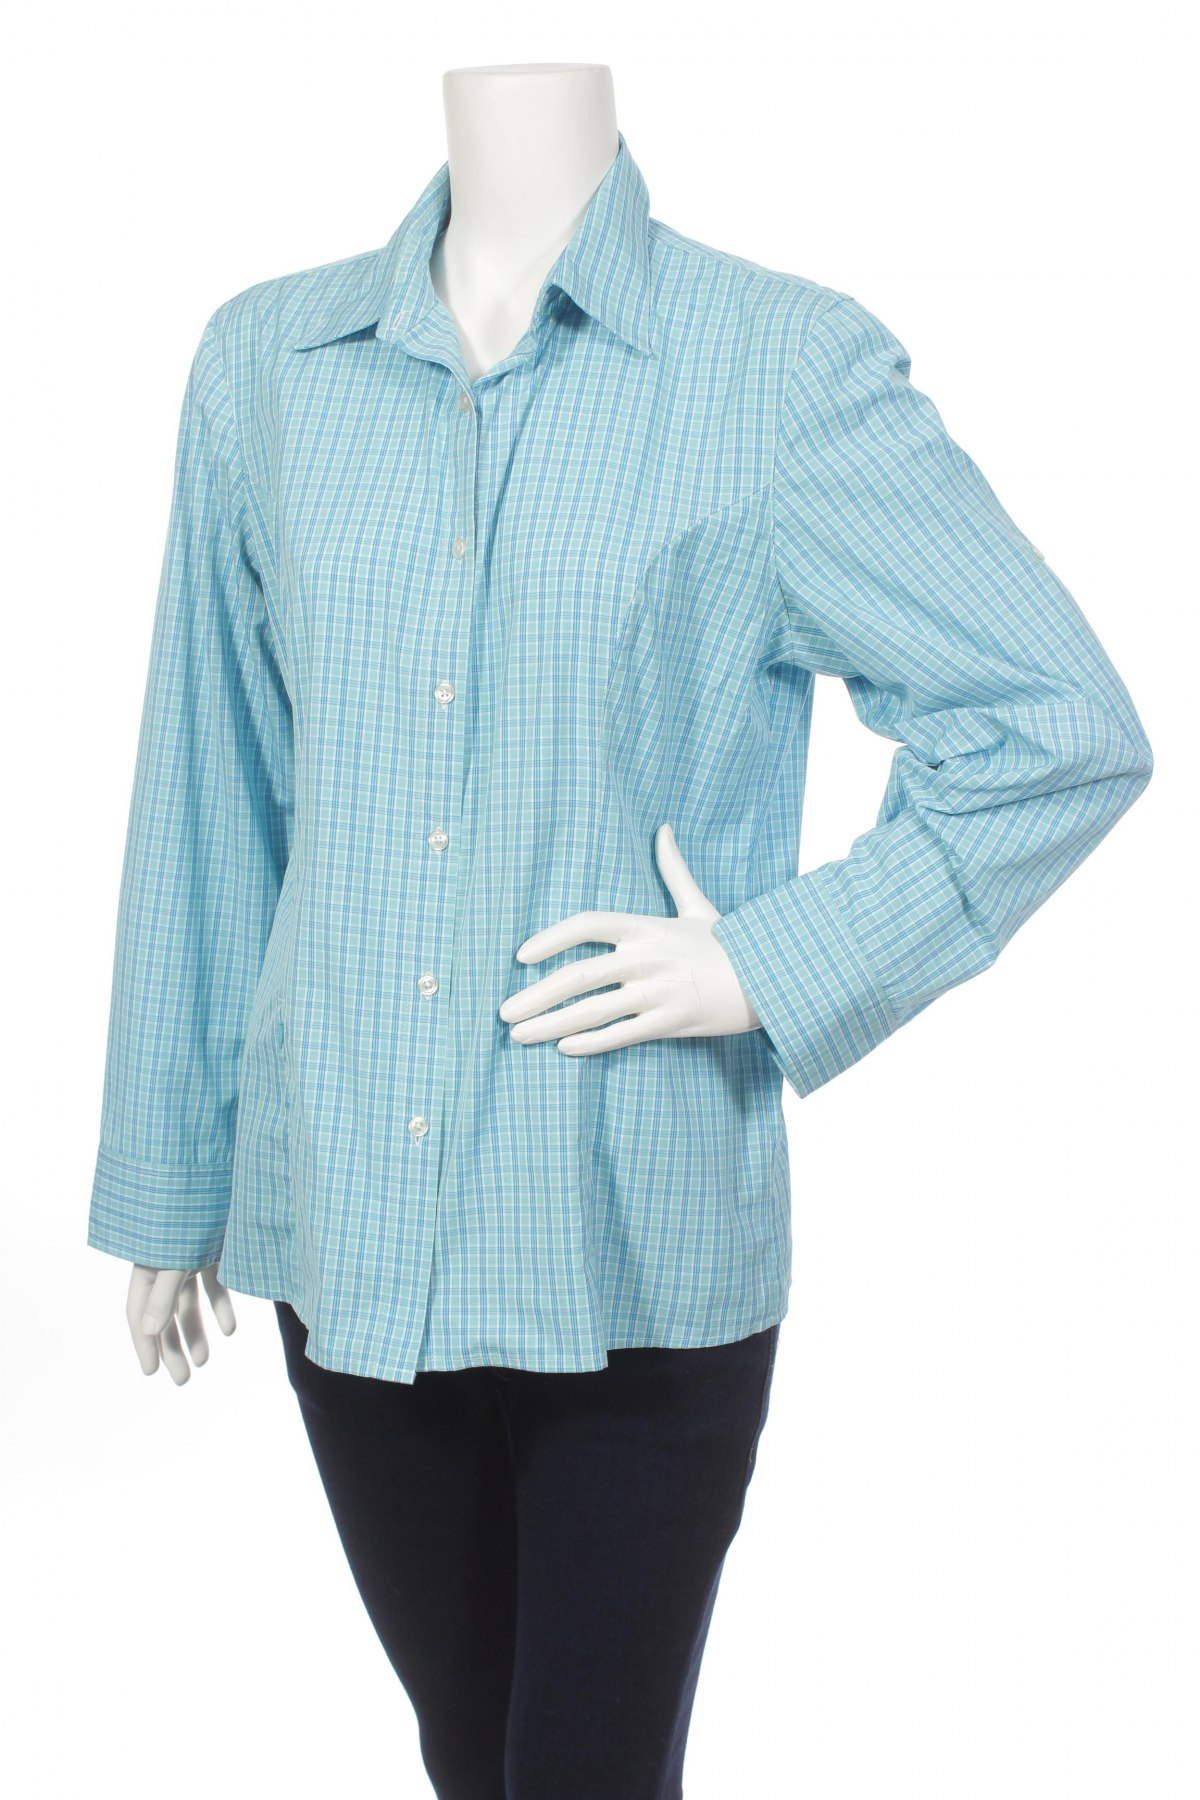 Γυναικείο πουκάμισο Inoc